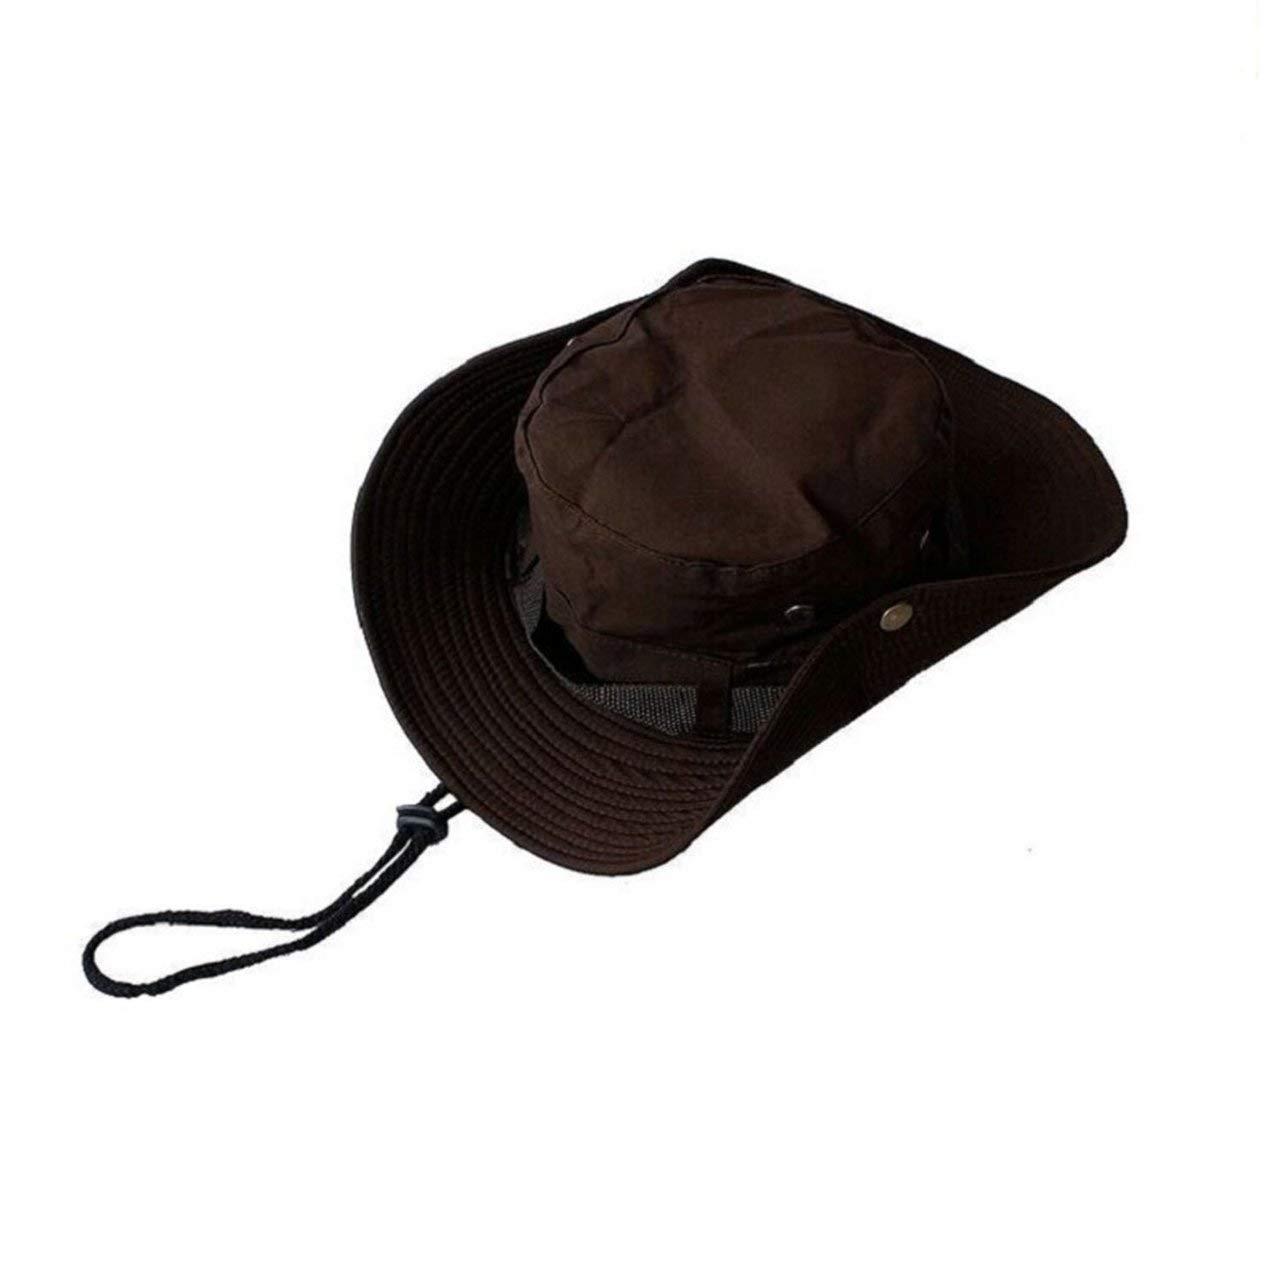 SUNNYDAY Chapeau de p/êcheur en Plein air Grande visi/ère Casquette de p/êche Alpinisme Jungle Hommes et Femmes Protection du Soleil Chapeau Chapeau personnalis/é Logo Bonnet